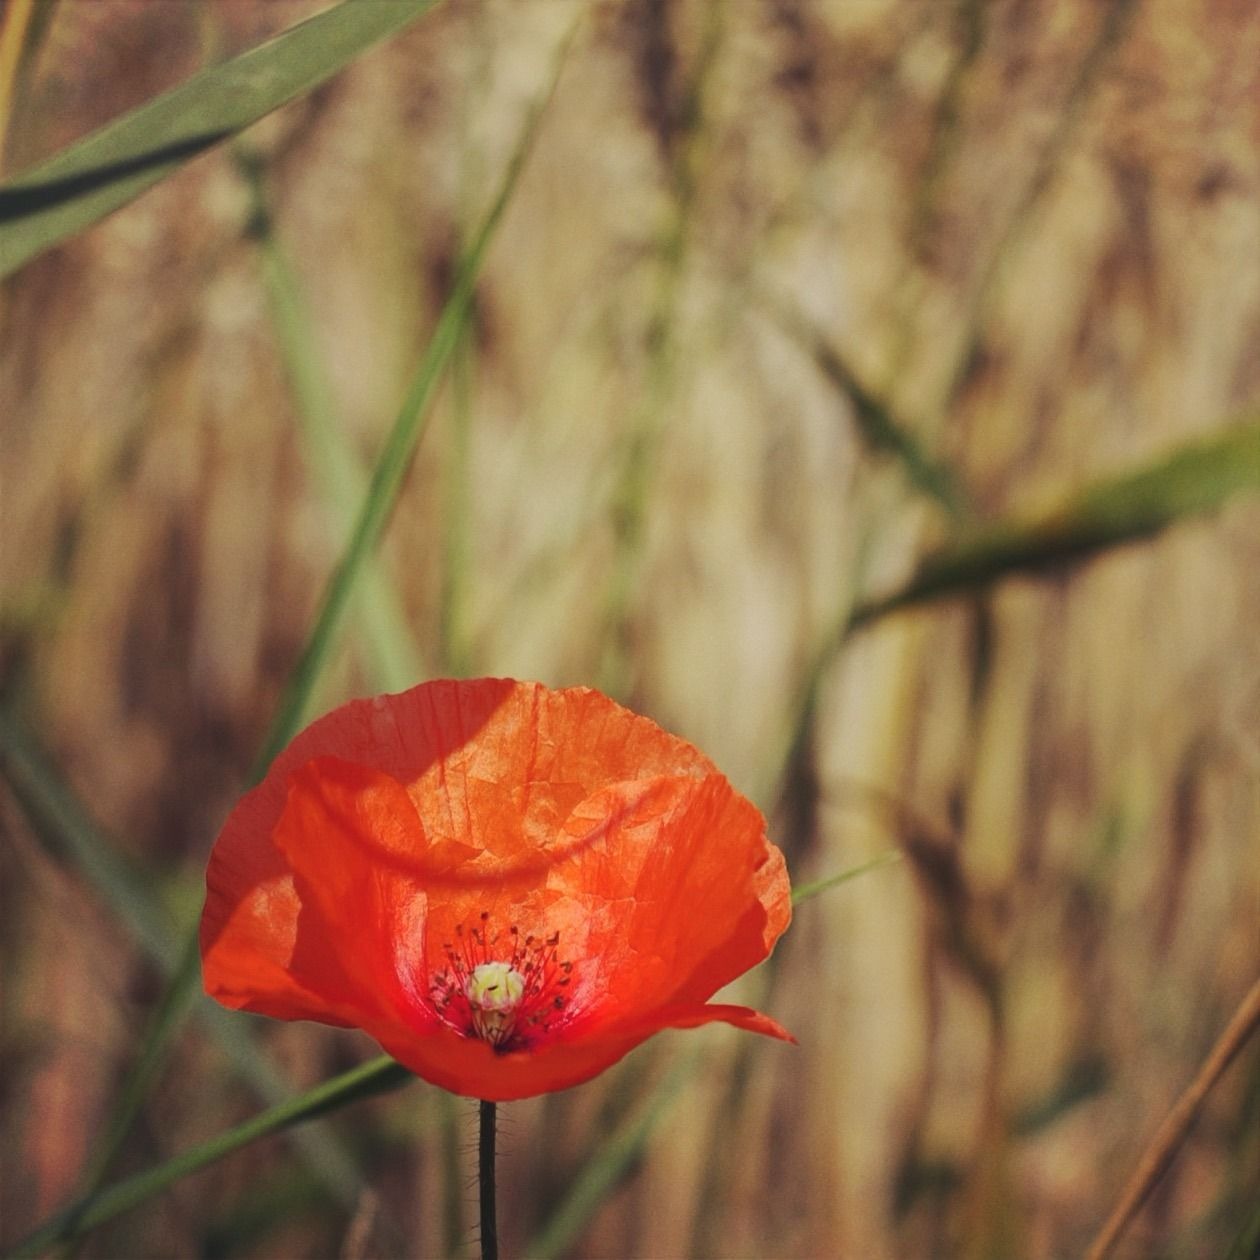 Mohnblume By Noirerora Blume Feld Flower Flowers Mohnblume Natur Nature Naturephotography Noirerora Original Photographers Photography Red